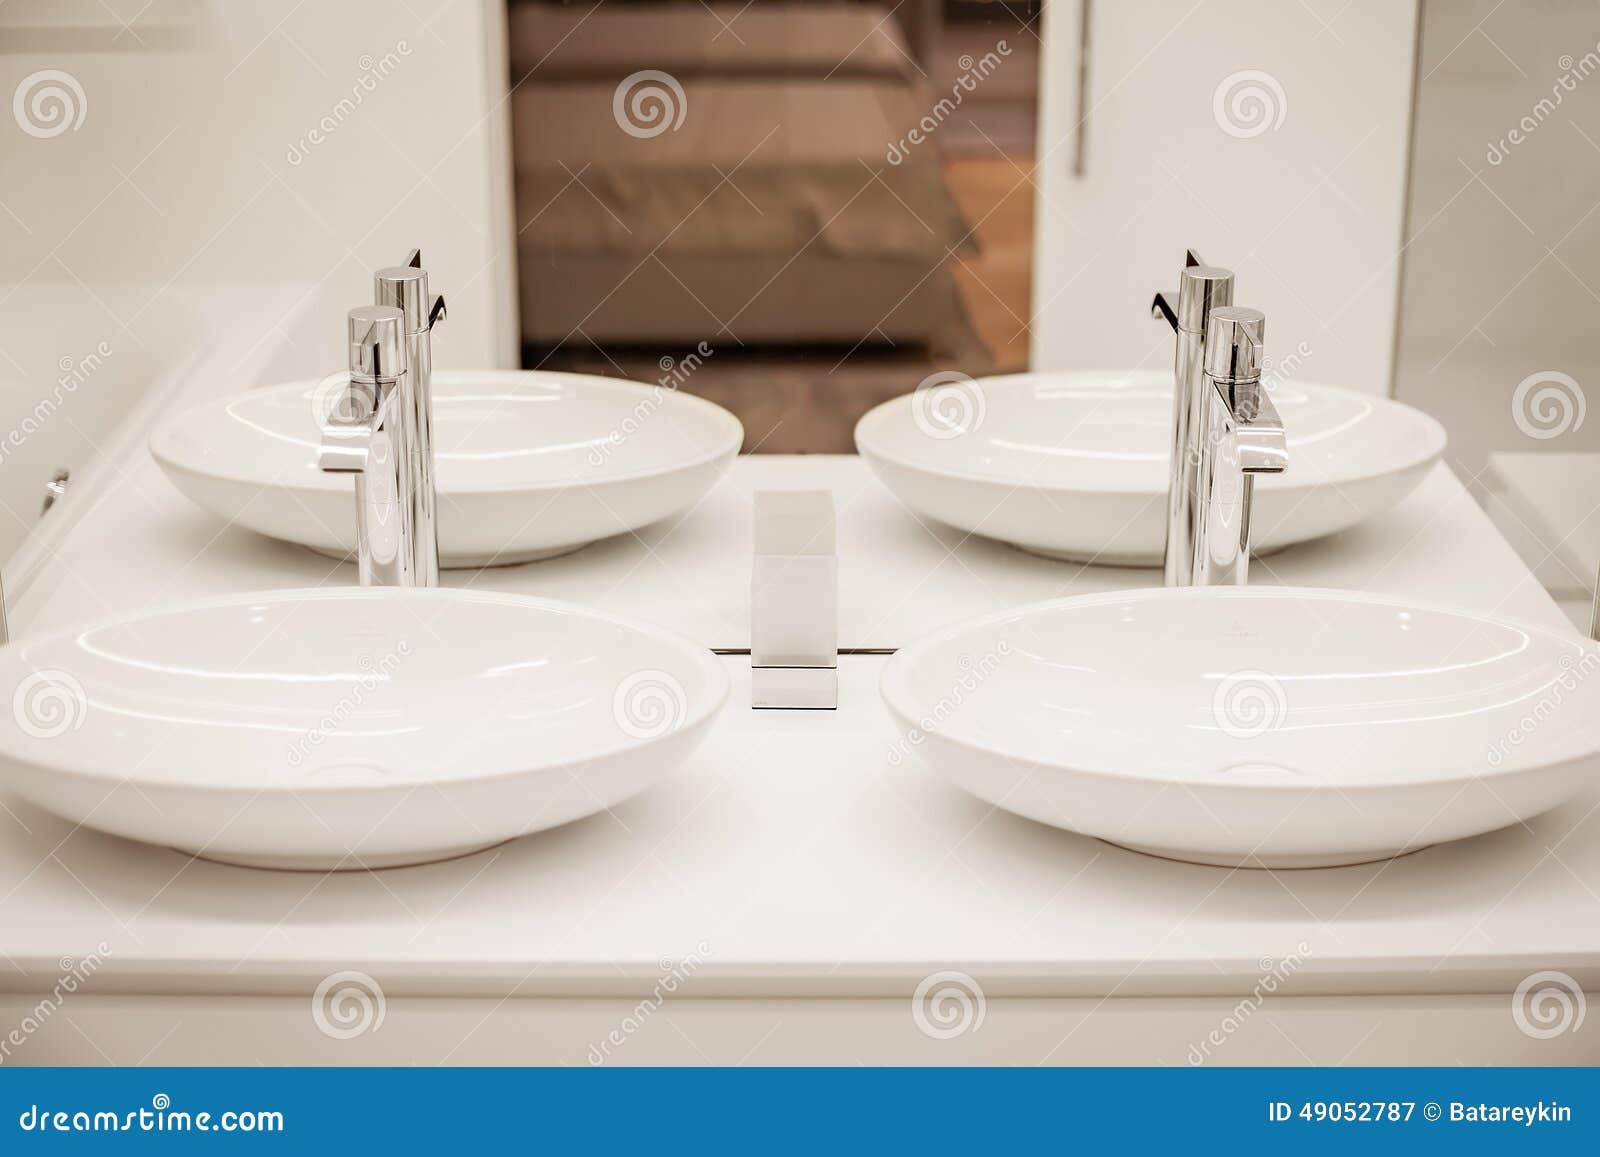 Bagno Di Lusso Con Due Lavandini E Specchi Immagine Stock - Immagine di dispositivi, lusso: 49052787